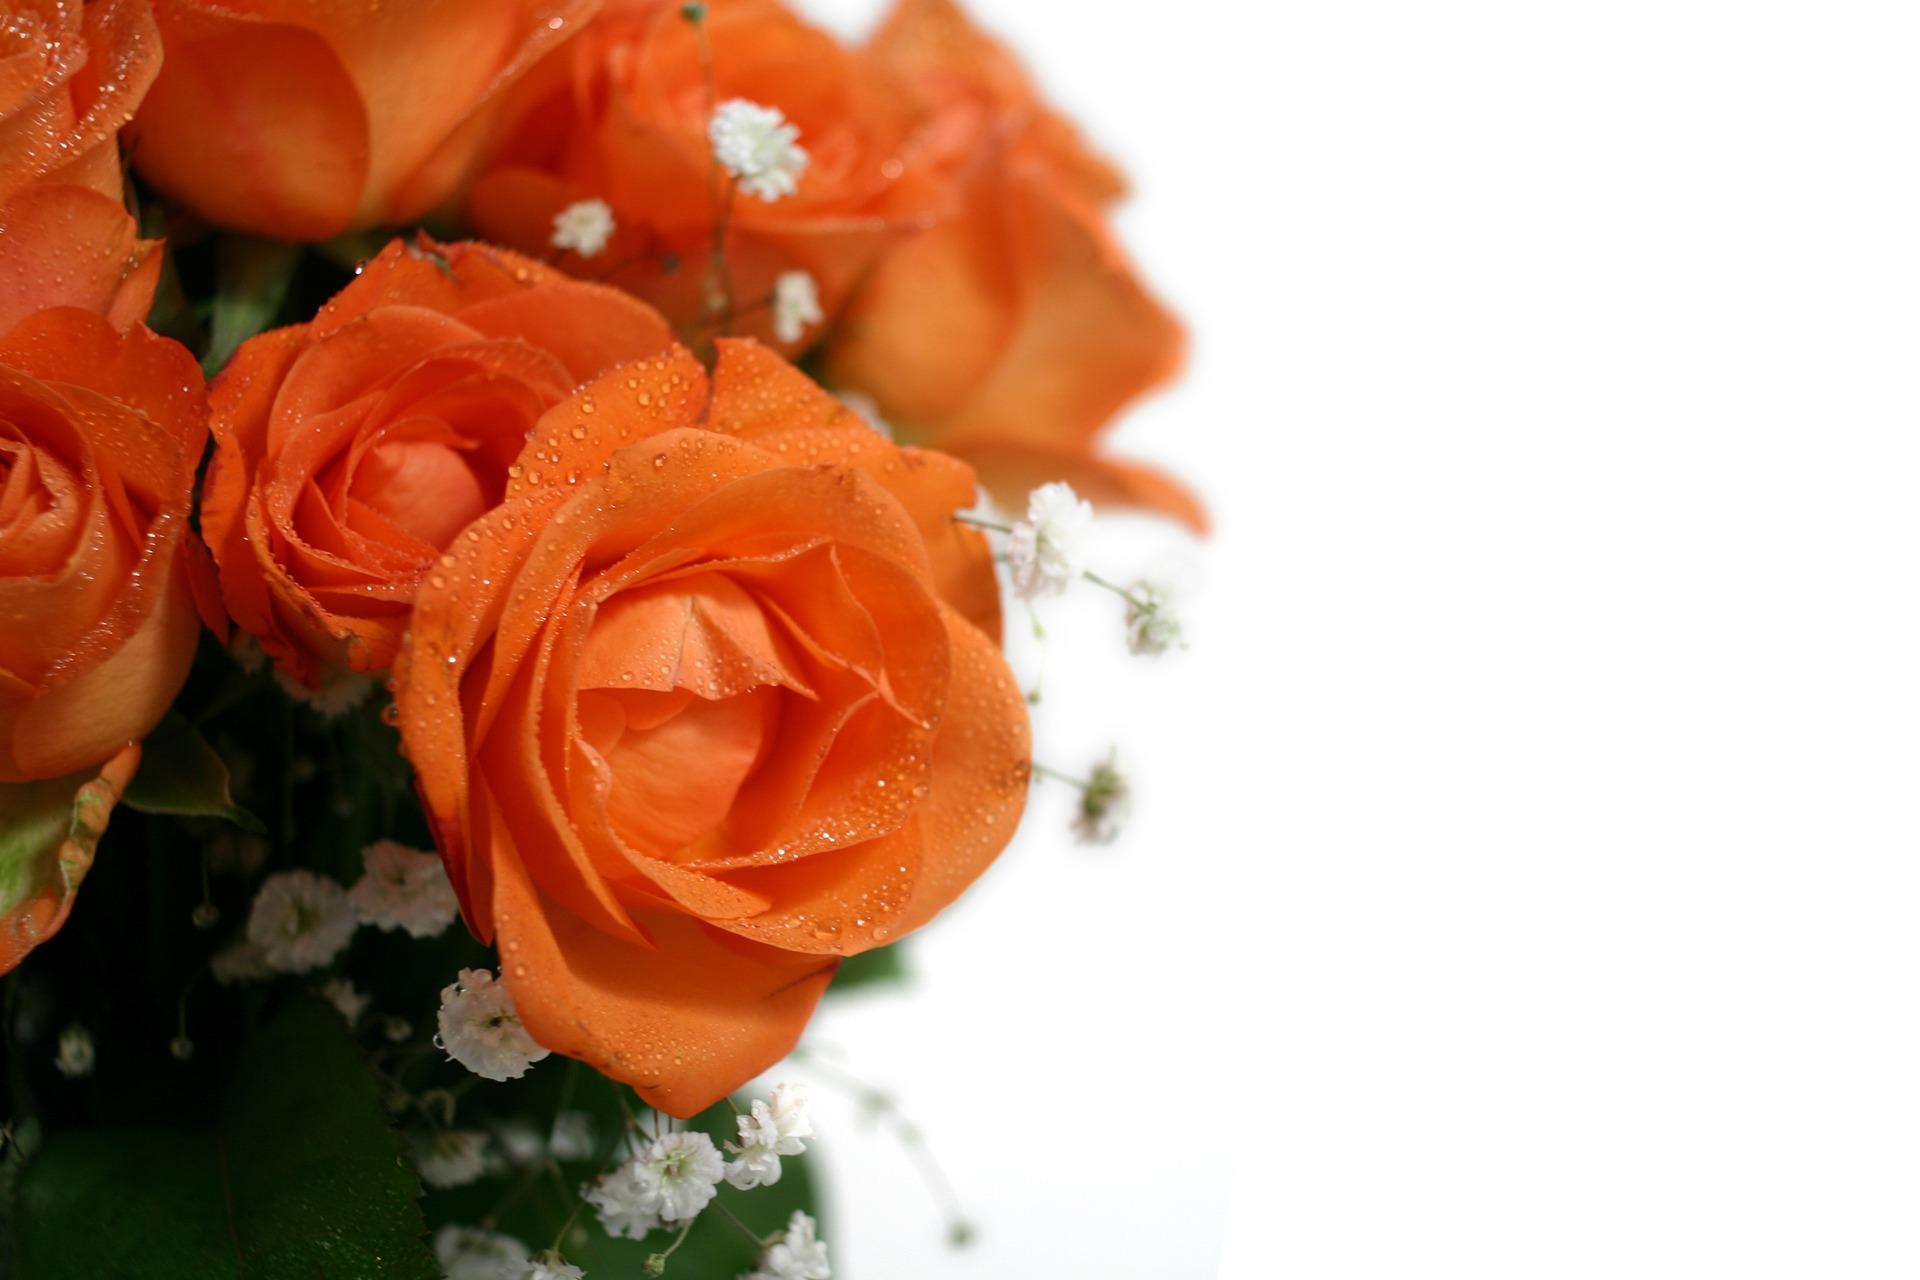 玫瑰壁纸桌面_30个玫瑰花桌面壁纸